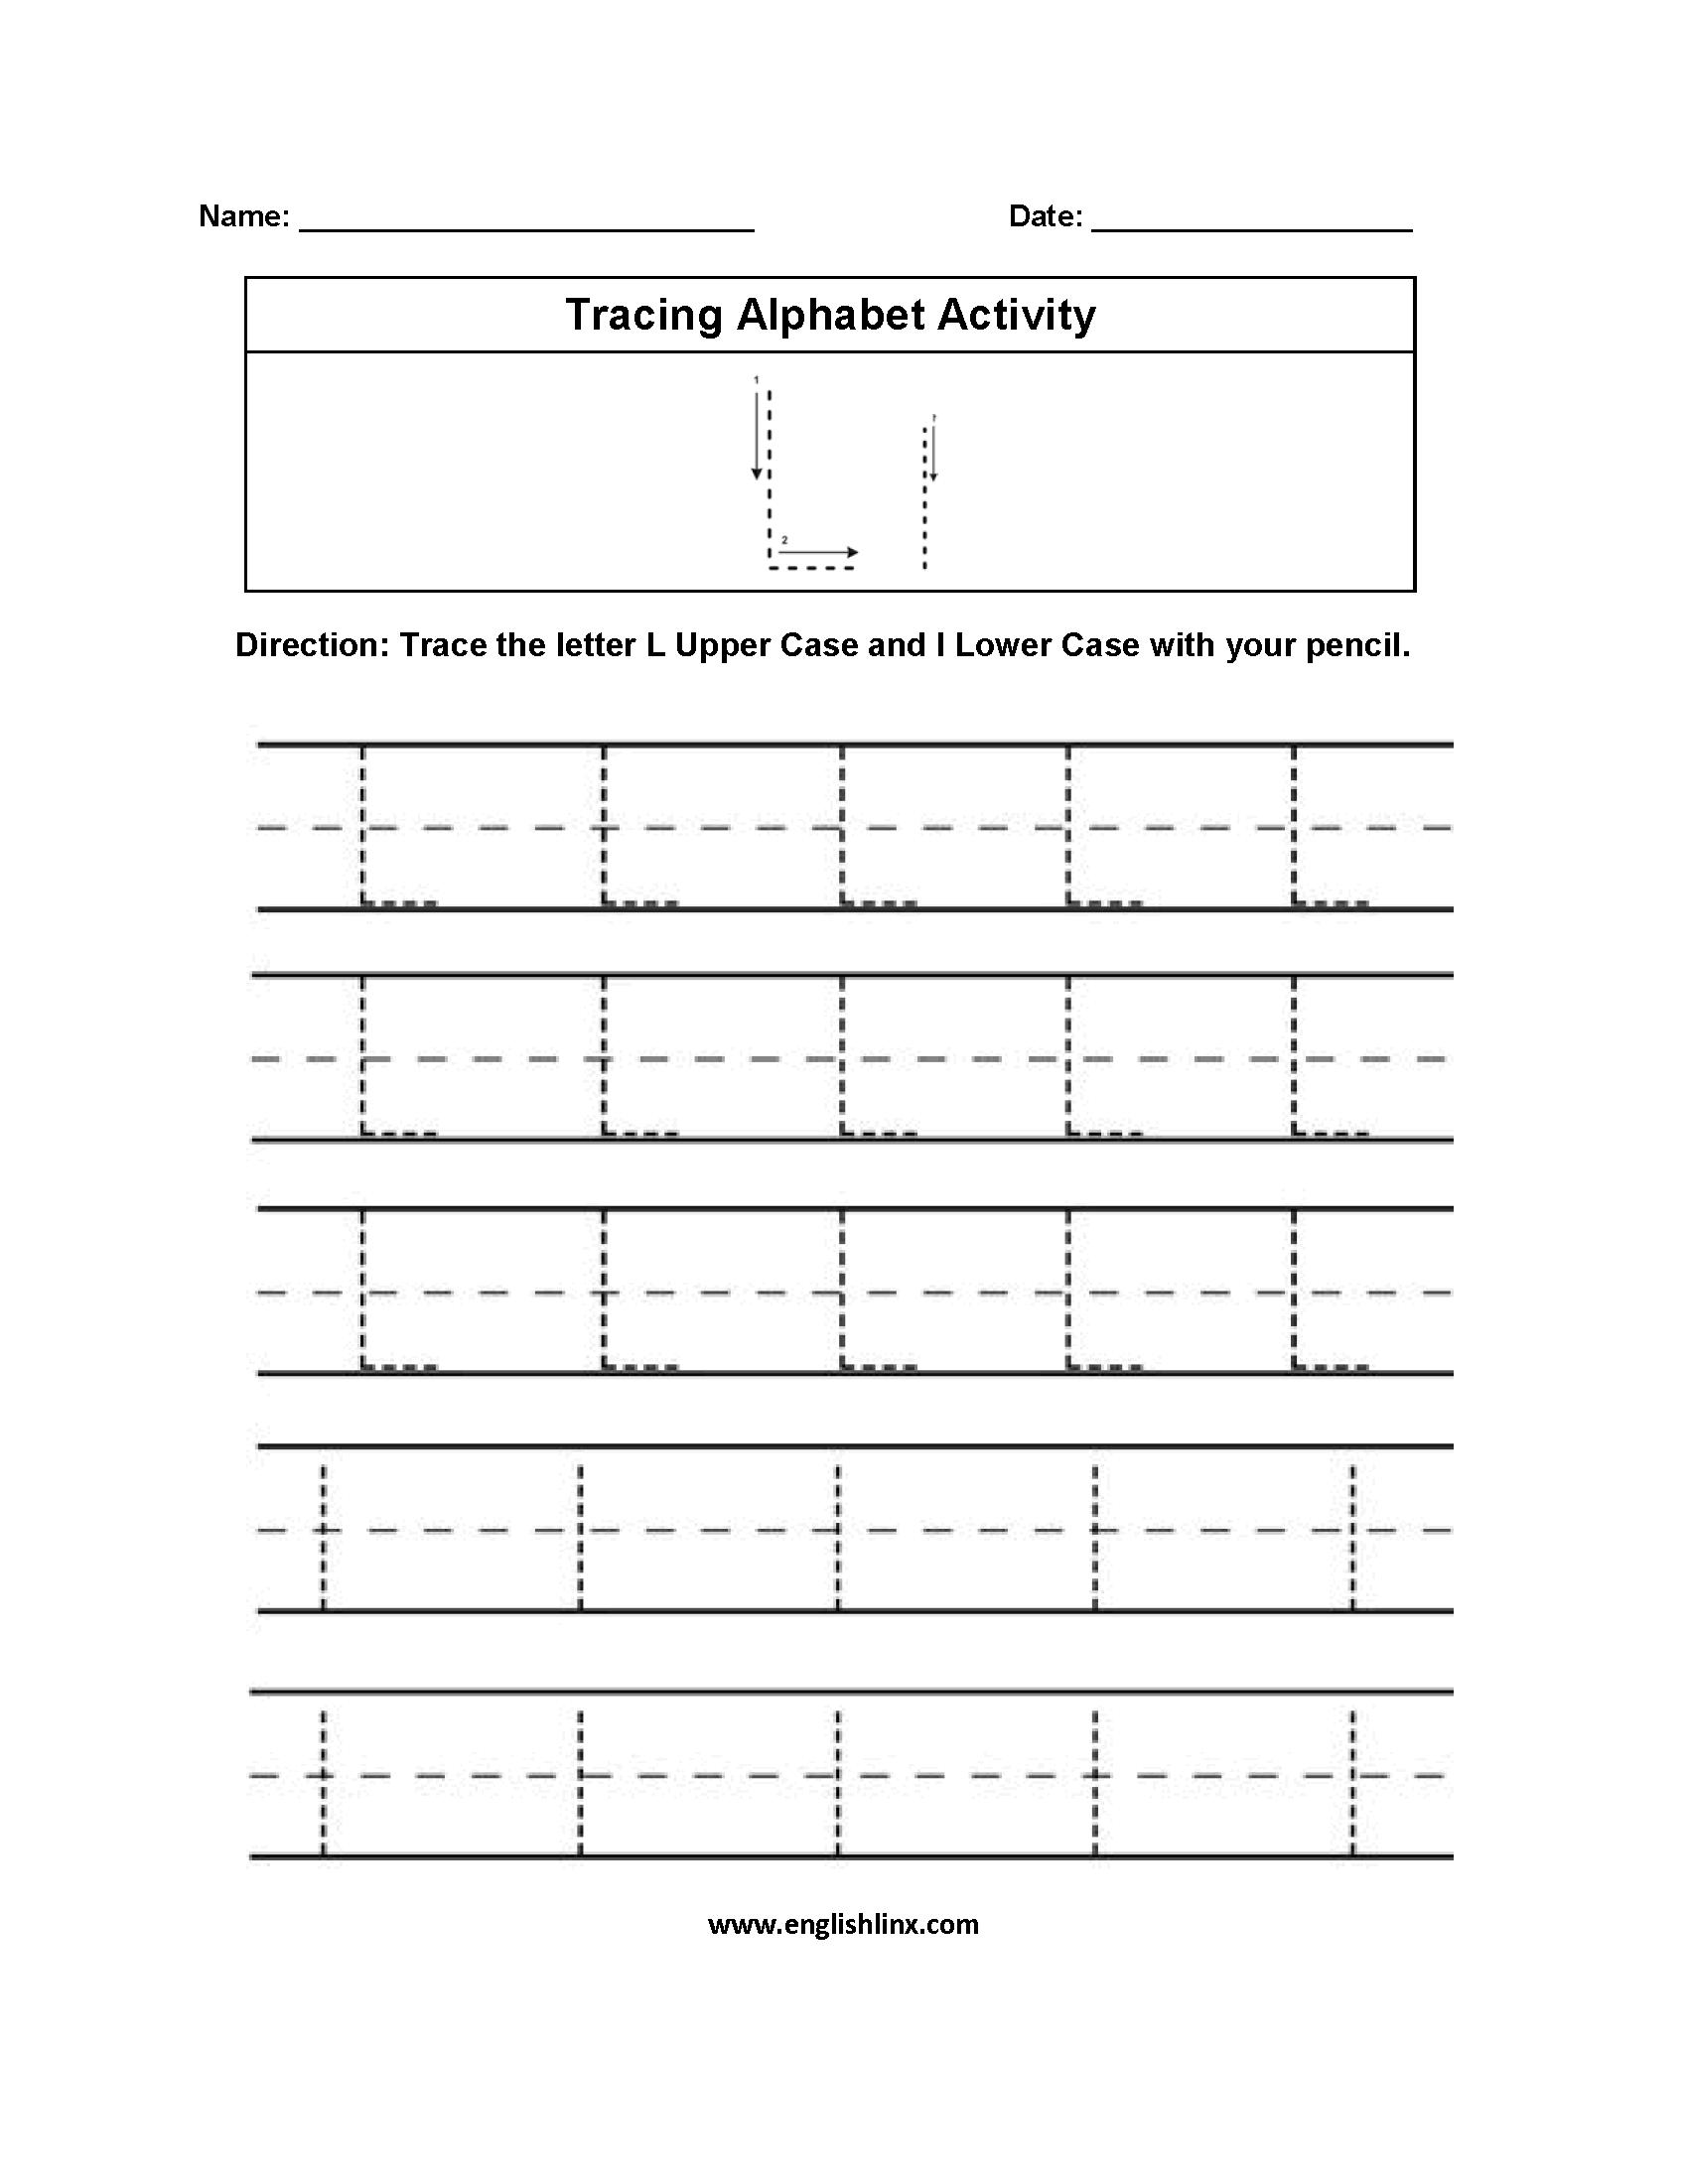 Alphabet Worksheets | Tracing Alphabet Worksheets